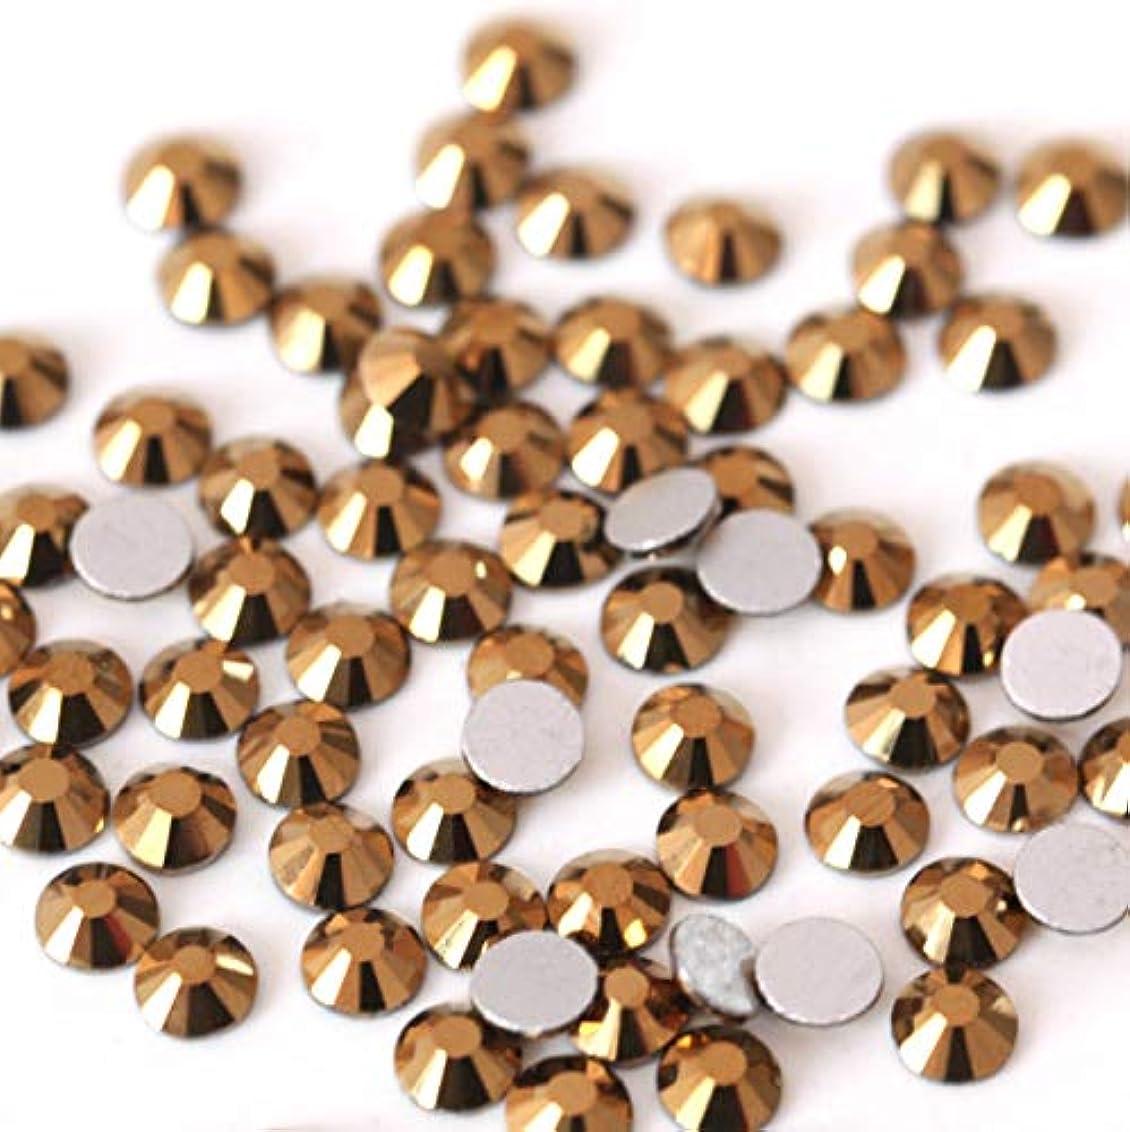 上向きはっきりととても【ラインストーン77】 ガラス製ラインストーン ゴールドマイン 各サイズ選択可能 スワロフスキー同等 (SS20 約120粒)